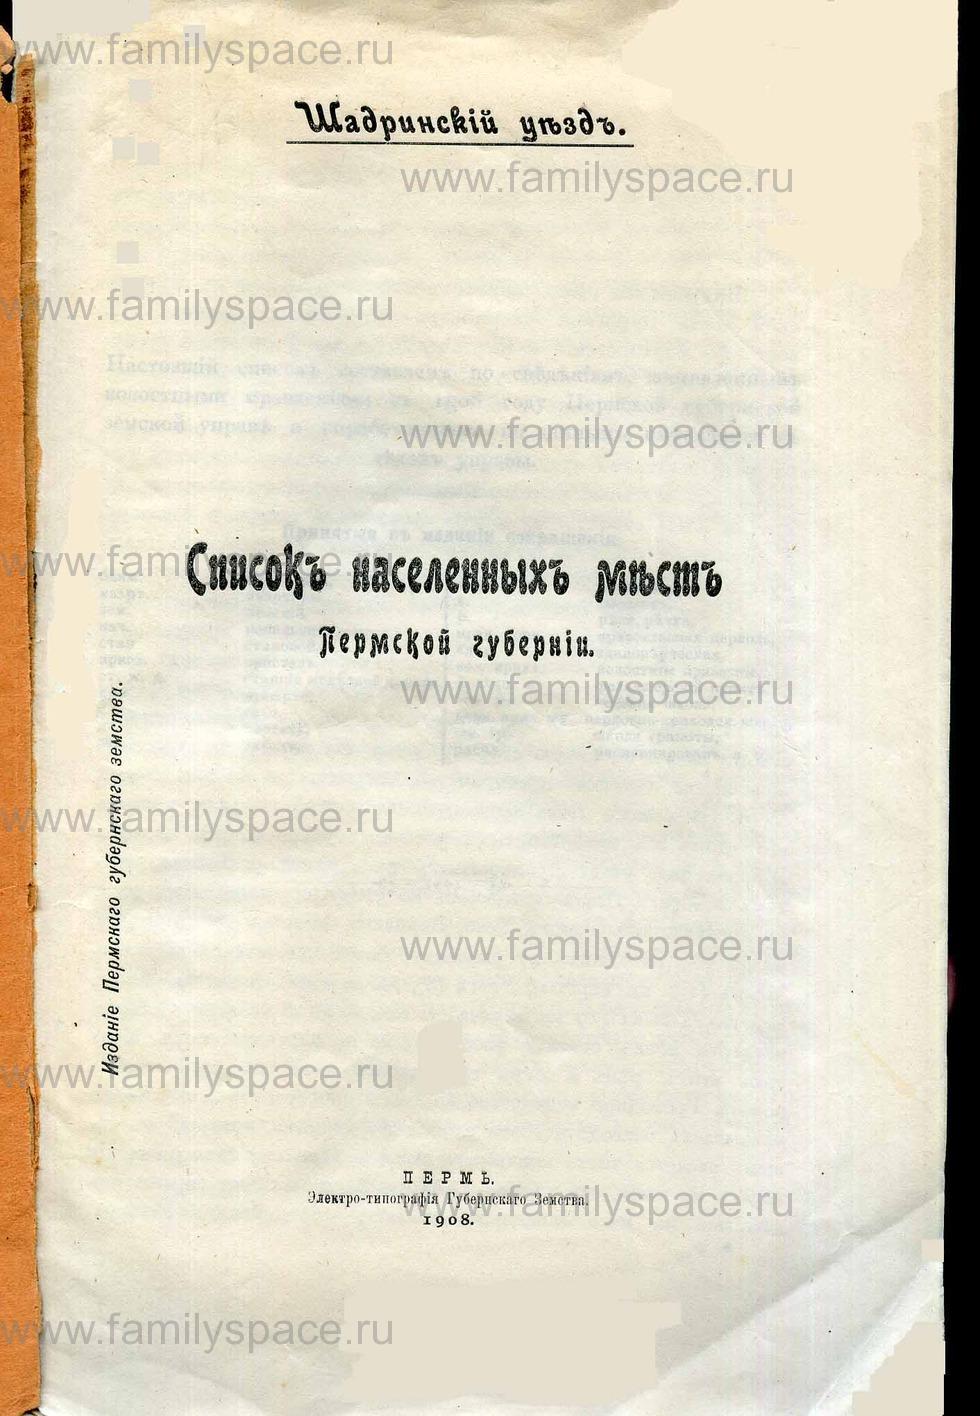 Поиск по фамилии - Список населенных мест Пермской губернии Шадринский уезд 1908 г, страница 1